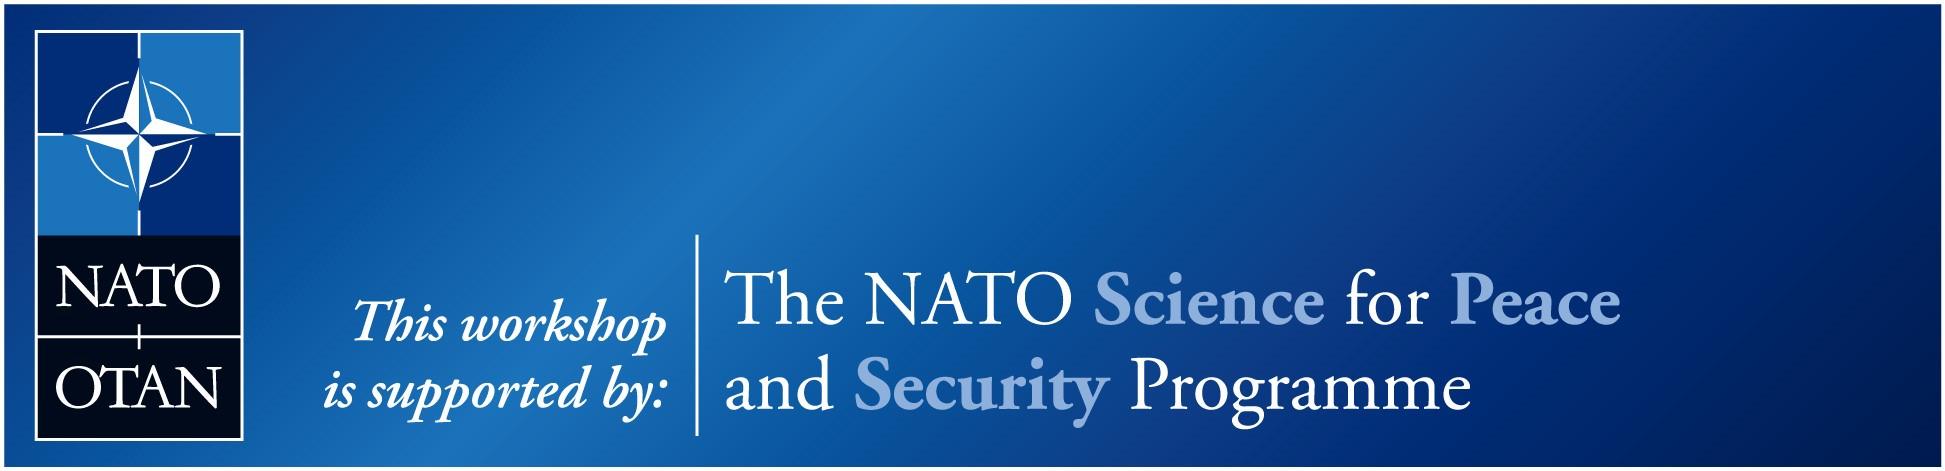 NATO_banner